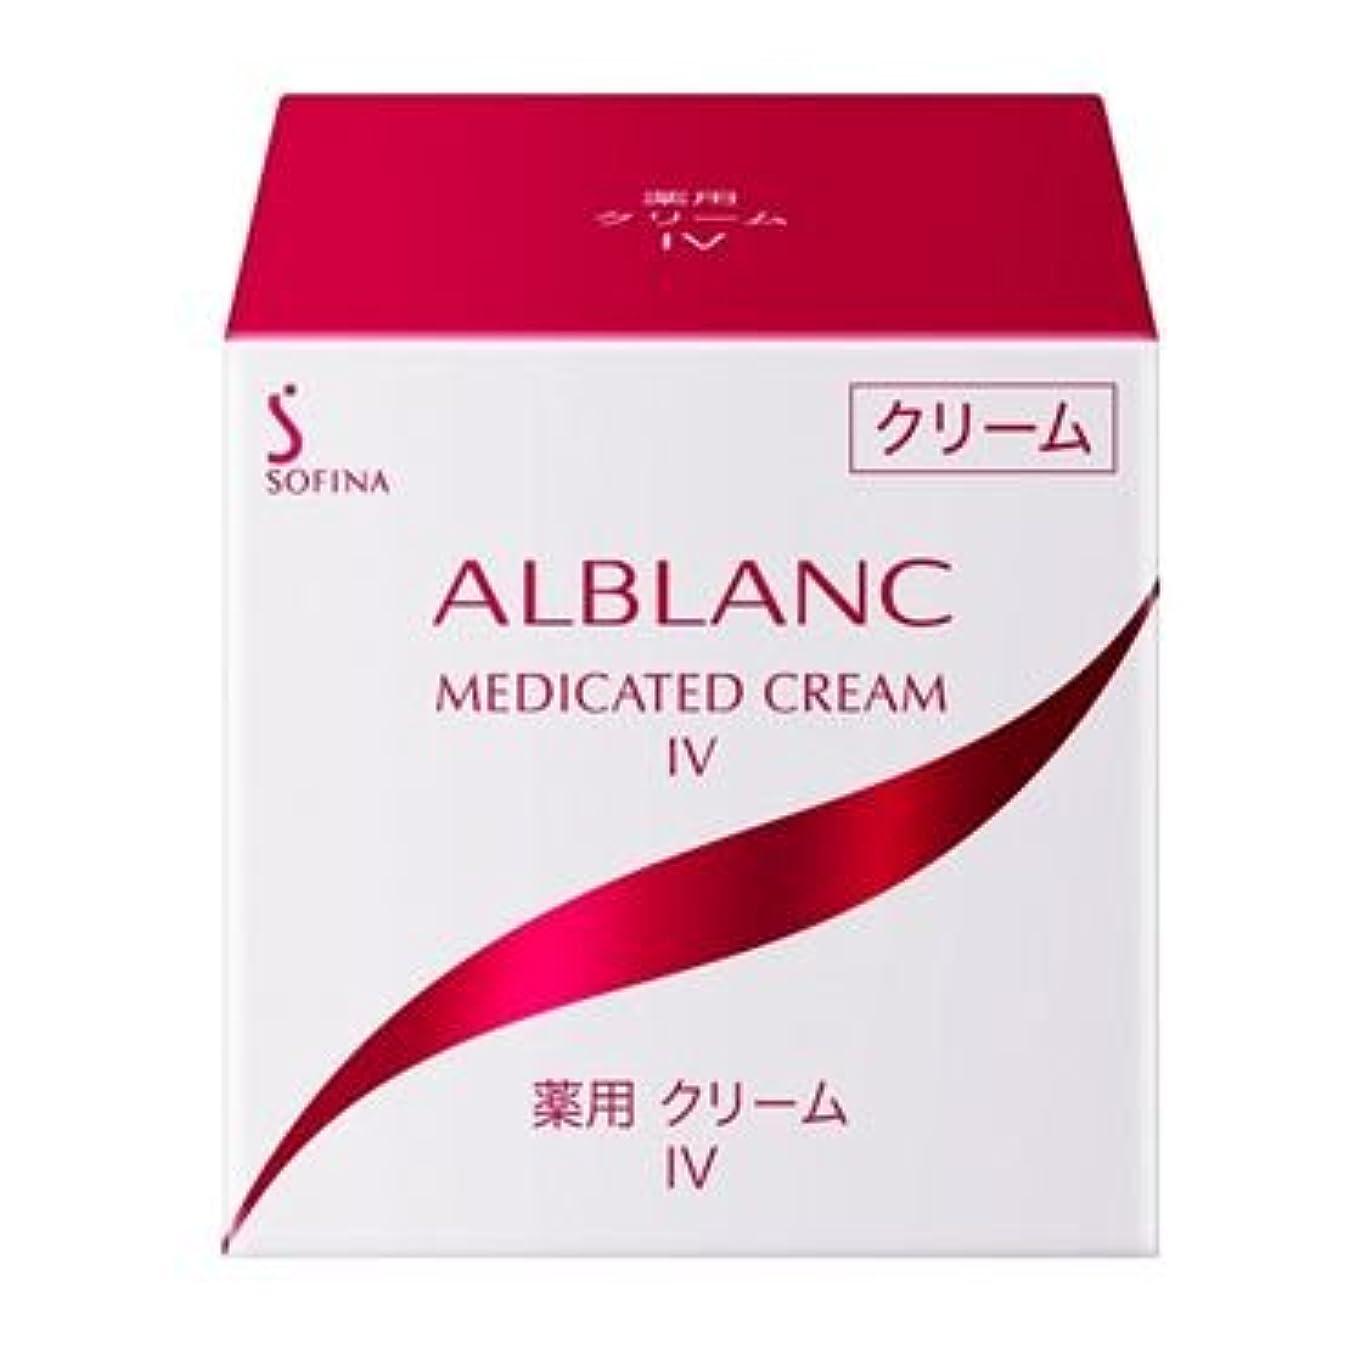 ティームファイナンス石鹸花王 アルブラン 薬用クリームIV 35g